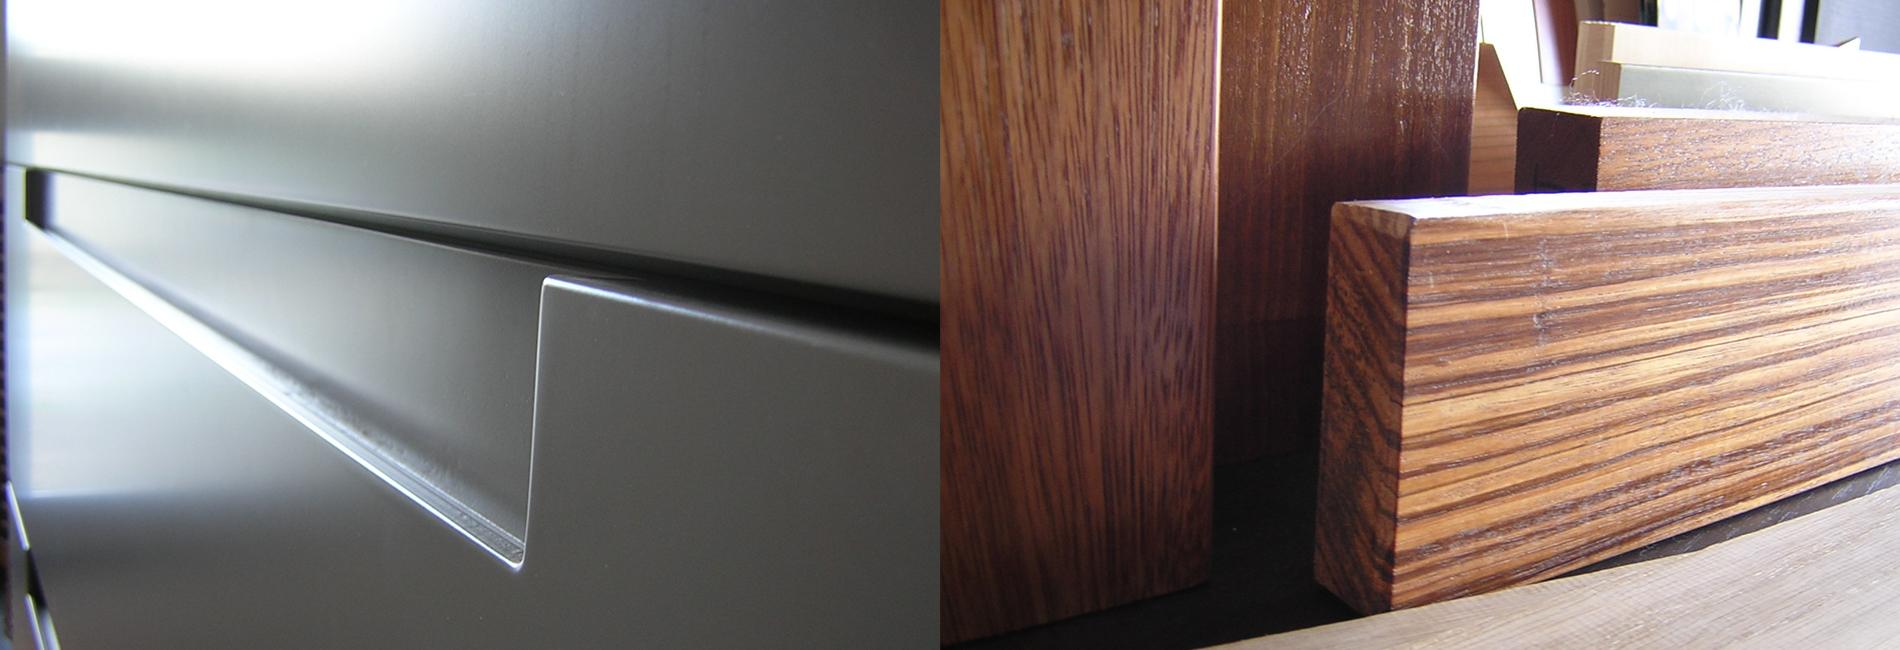 Falegnameria giglio pavia mobili su misura - Progettazione mobili su misura ...